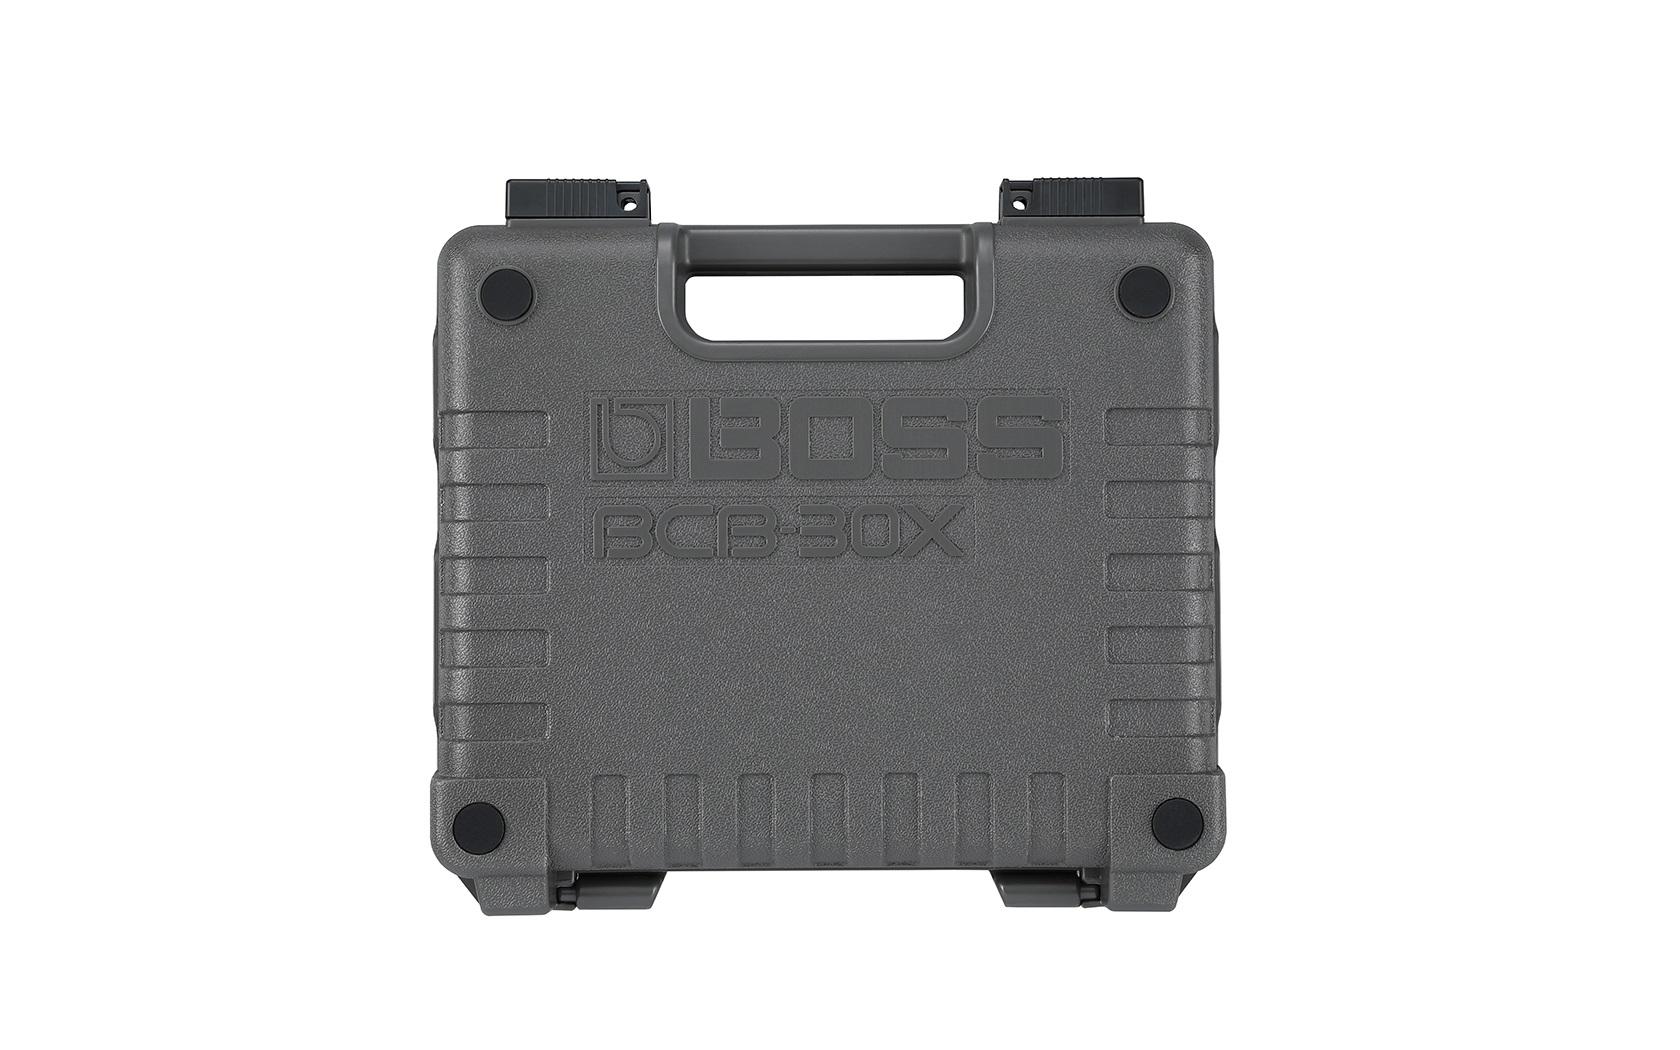 BCB-30X